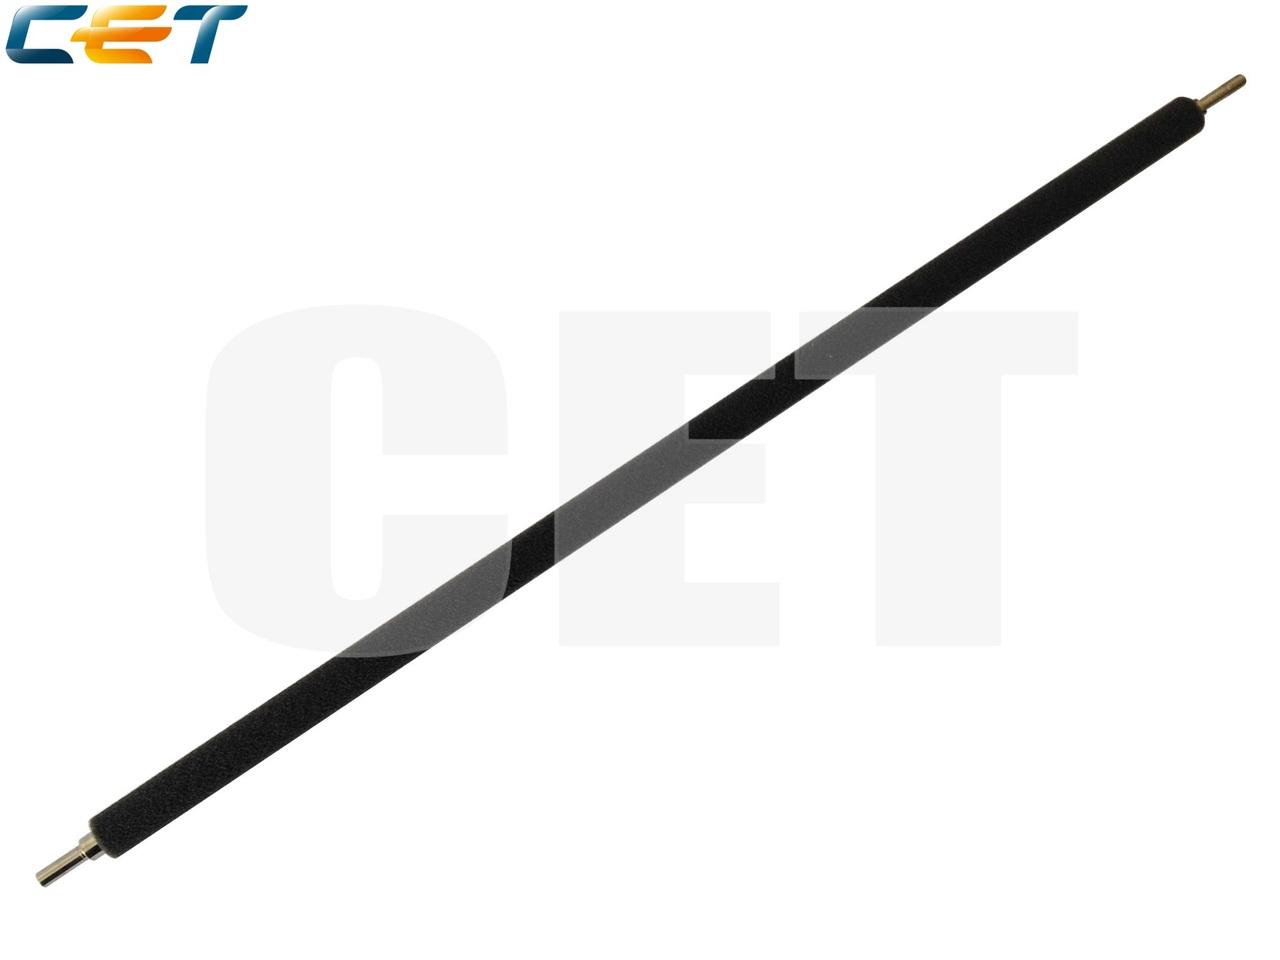 Ролик очистки ролика заряда (старая версия драм-юнита) дляCANON iR ADVANCEC5030/C5035/C5045/C5051/C5235/C5240/C5250/C5255 (CET),CET5253